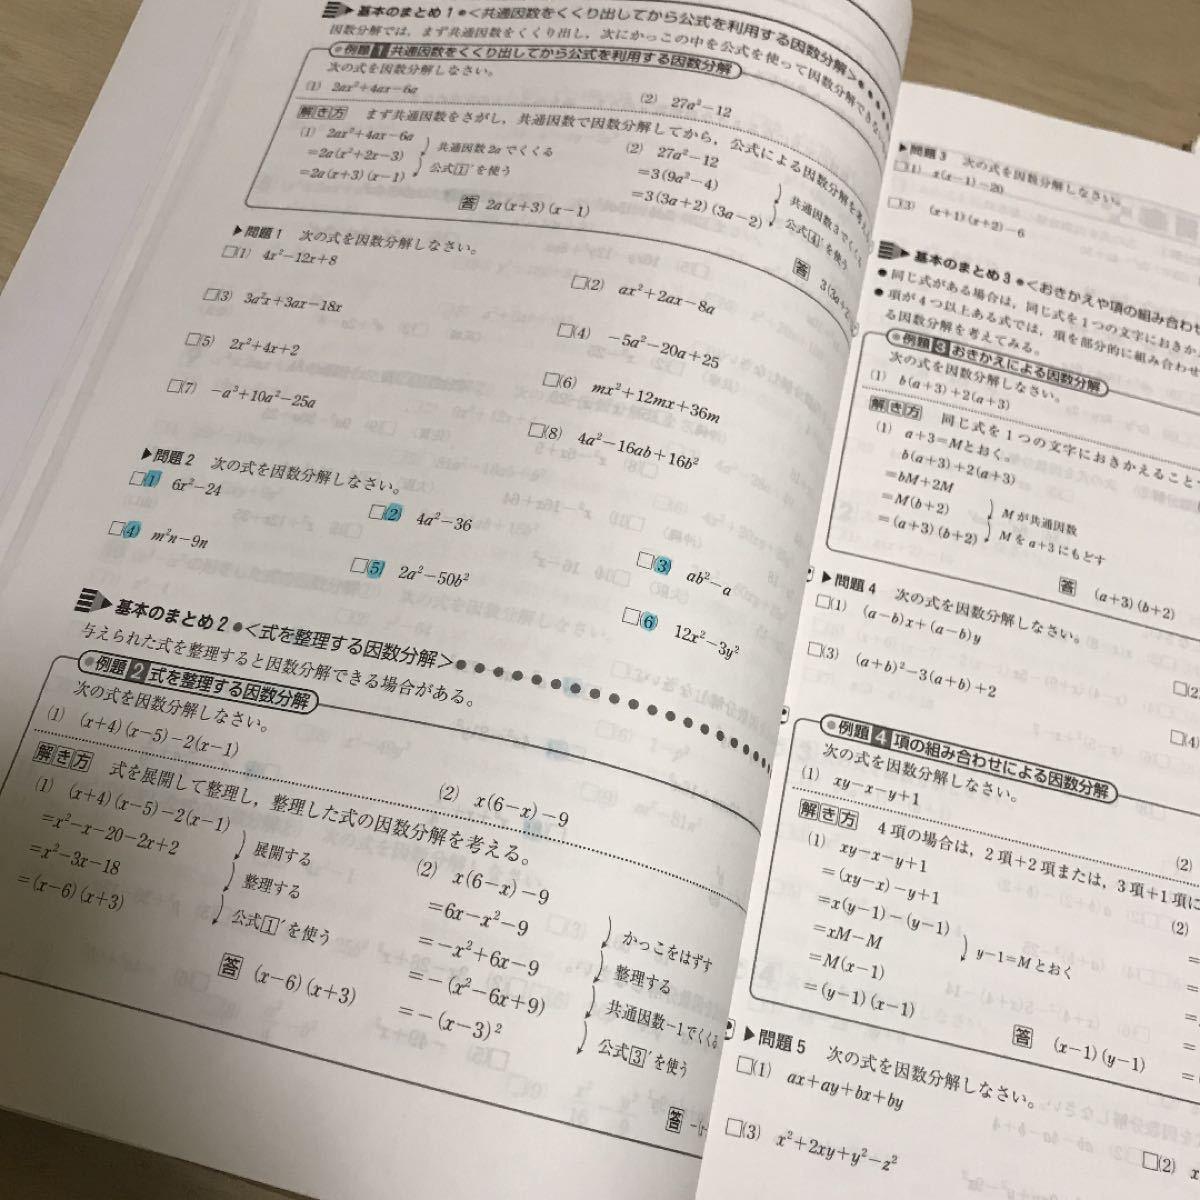 中学 WinPass ウィンパス 数学 3年 参考書 問題集 テキスト ワーク 受験対策 テスト対策 高校受験 中3 解答 解説